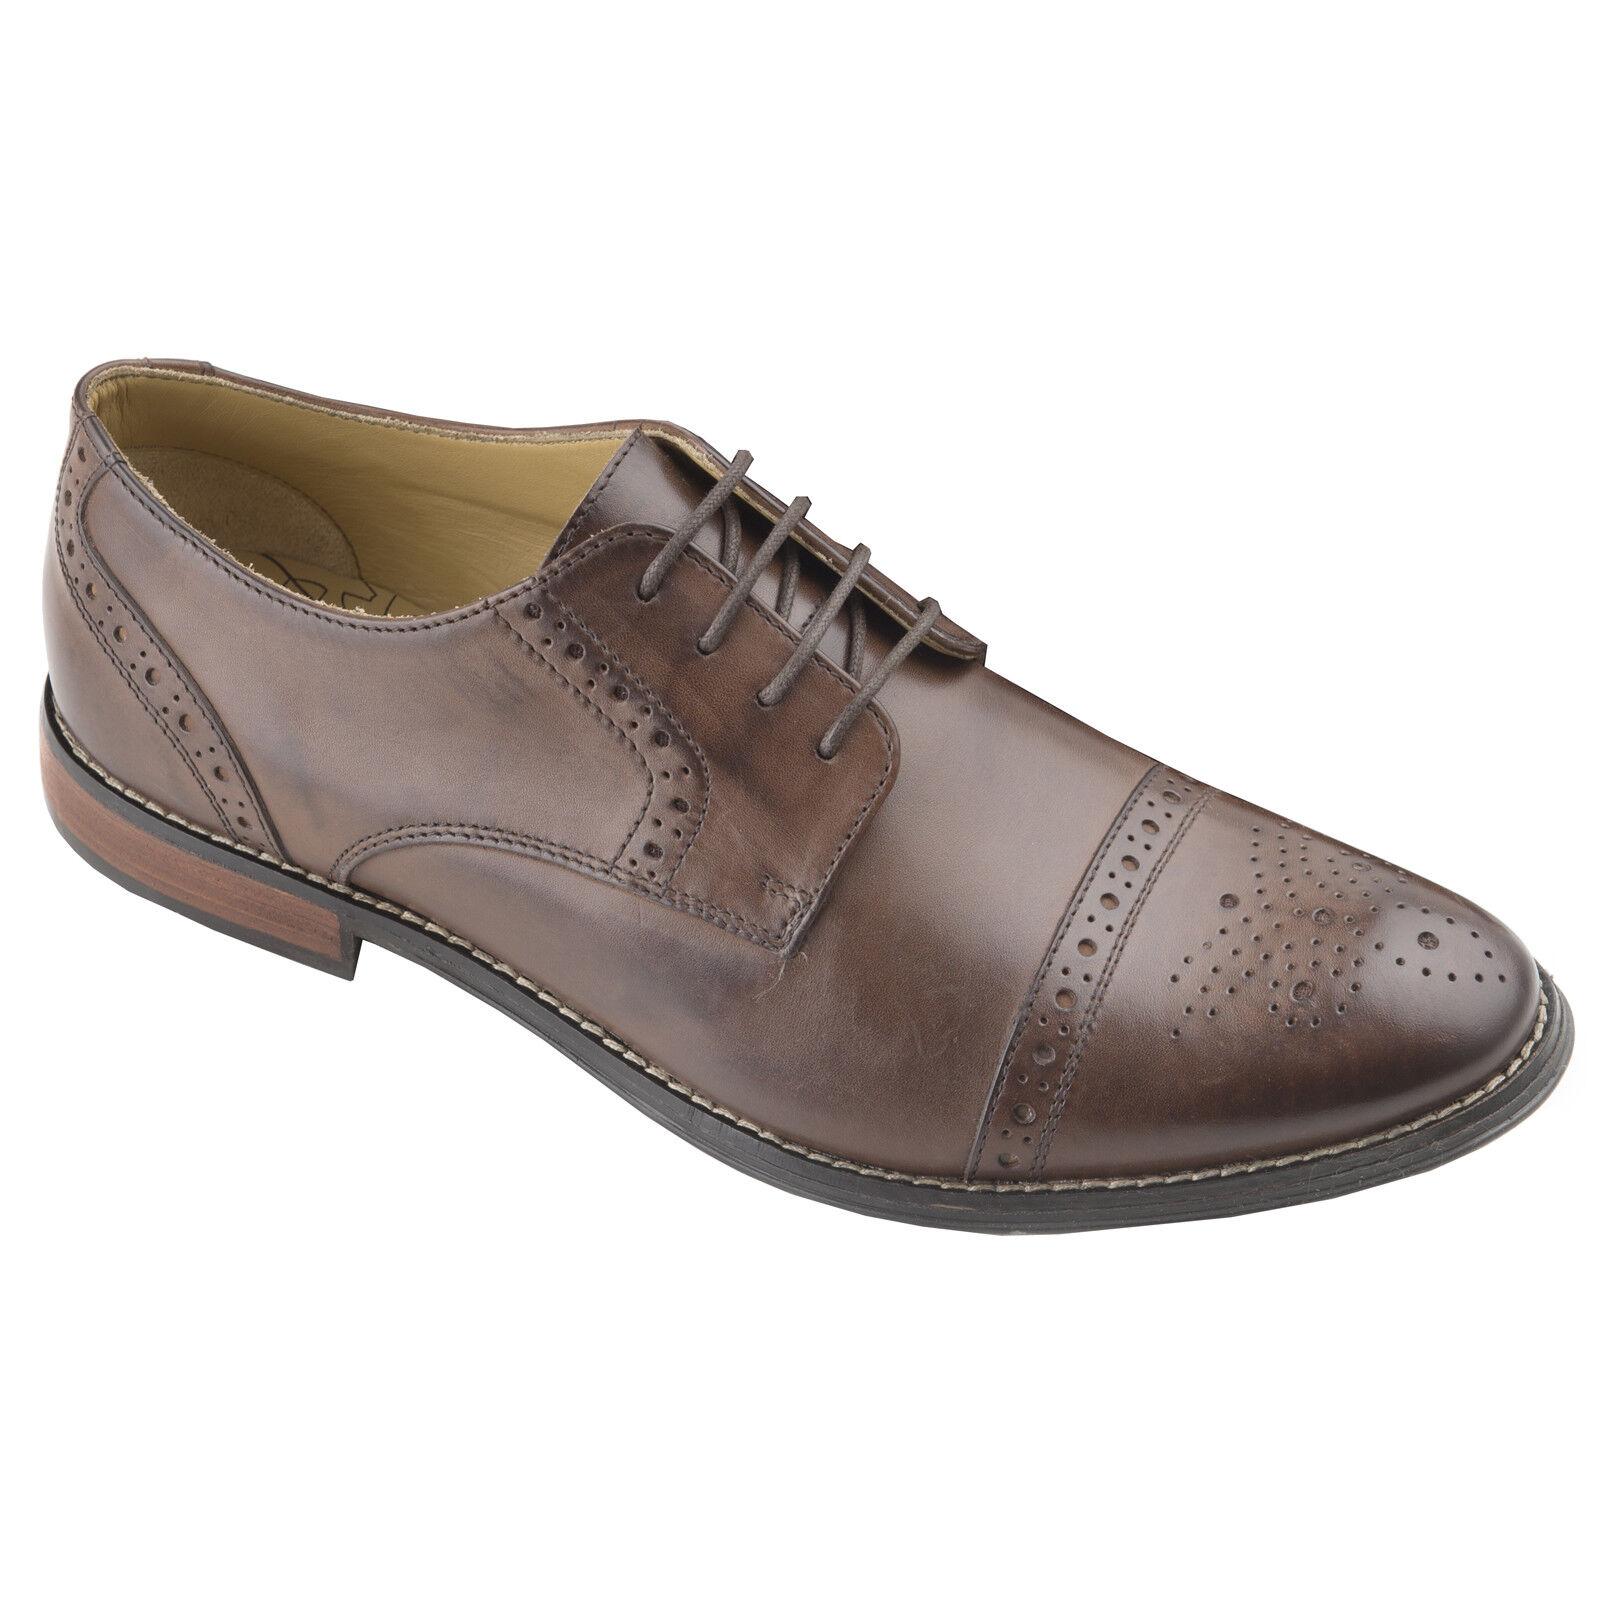 Hommes / femmes Hommes Hommes Hommes Ikon Grayson formel Smart Chaussures Forte chaleur et résistance à l'usure Nouveau en stock Rentable d6eeaf